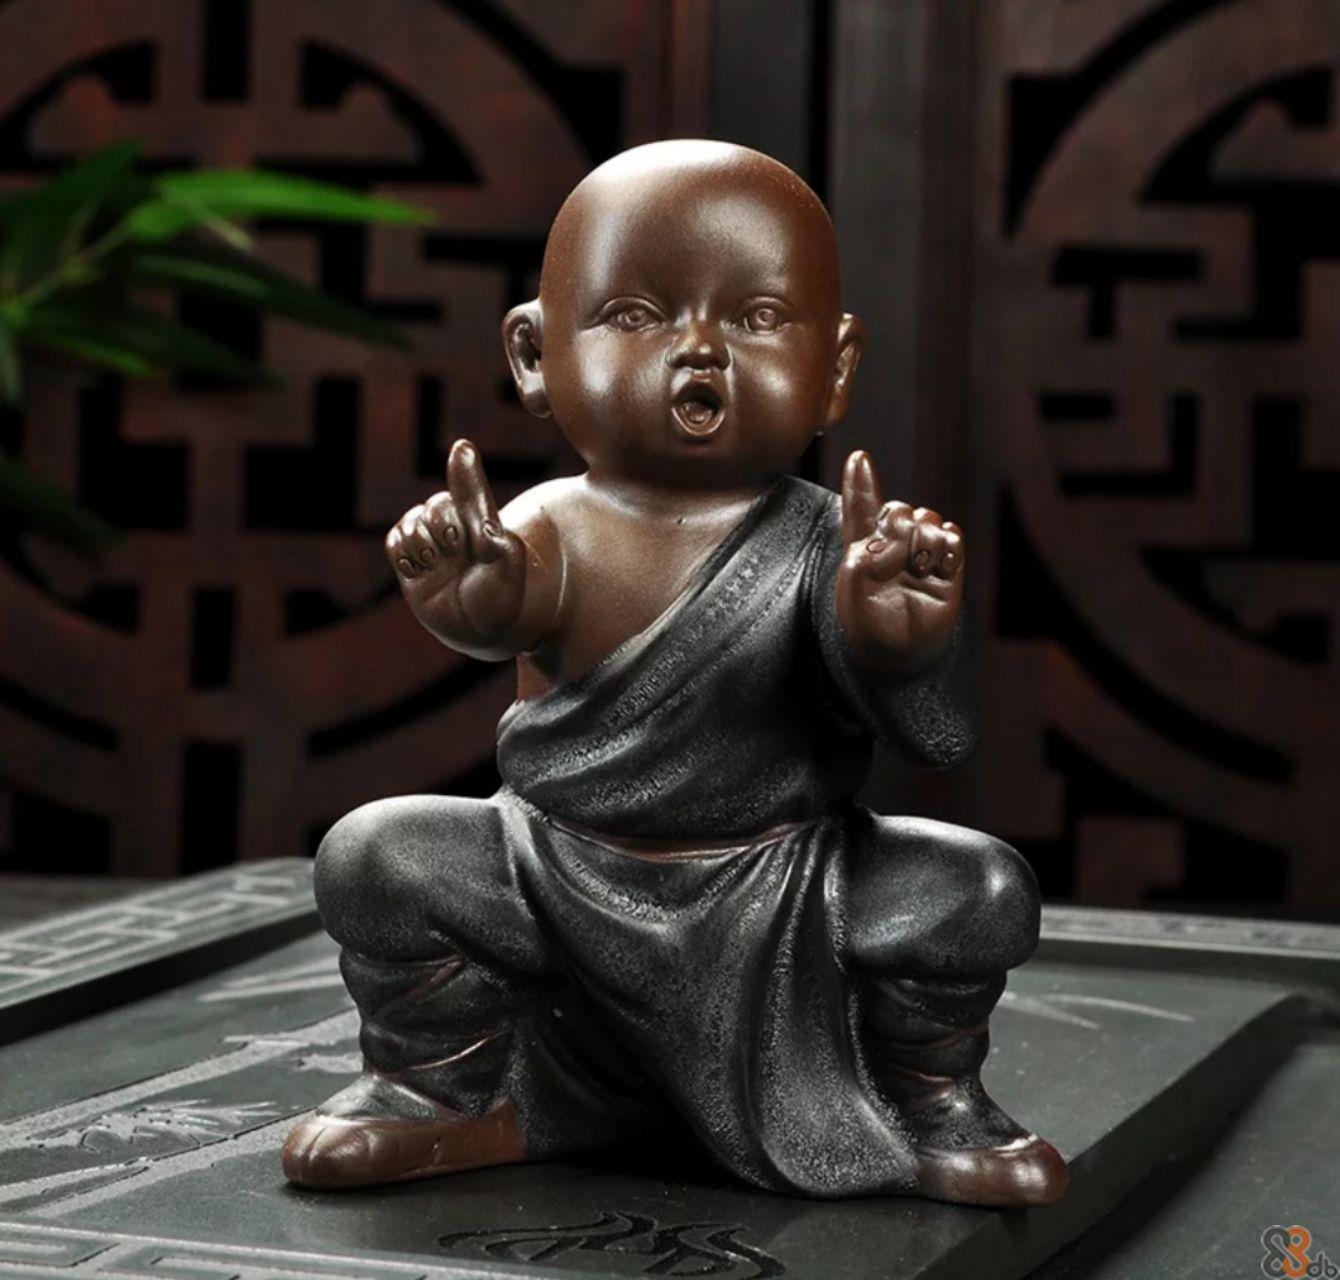 Statue,Sculpture,Figurine,Sitting,Monk